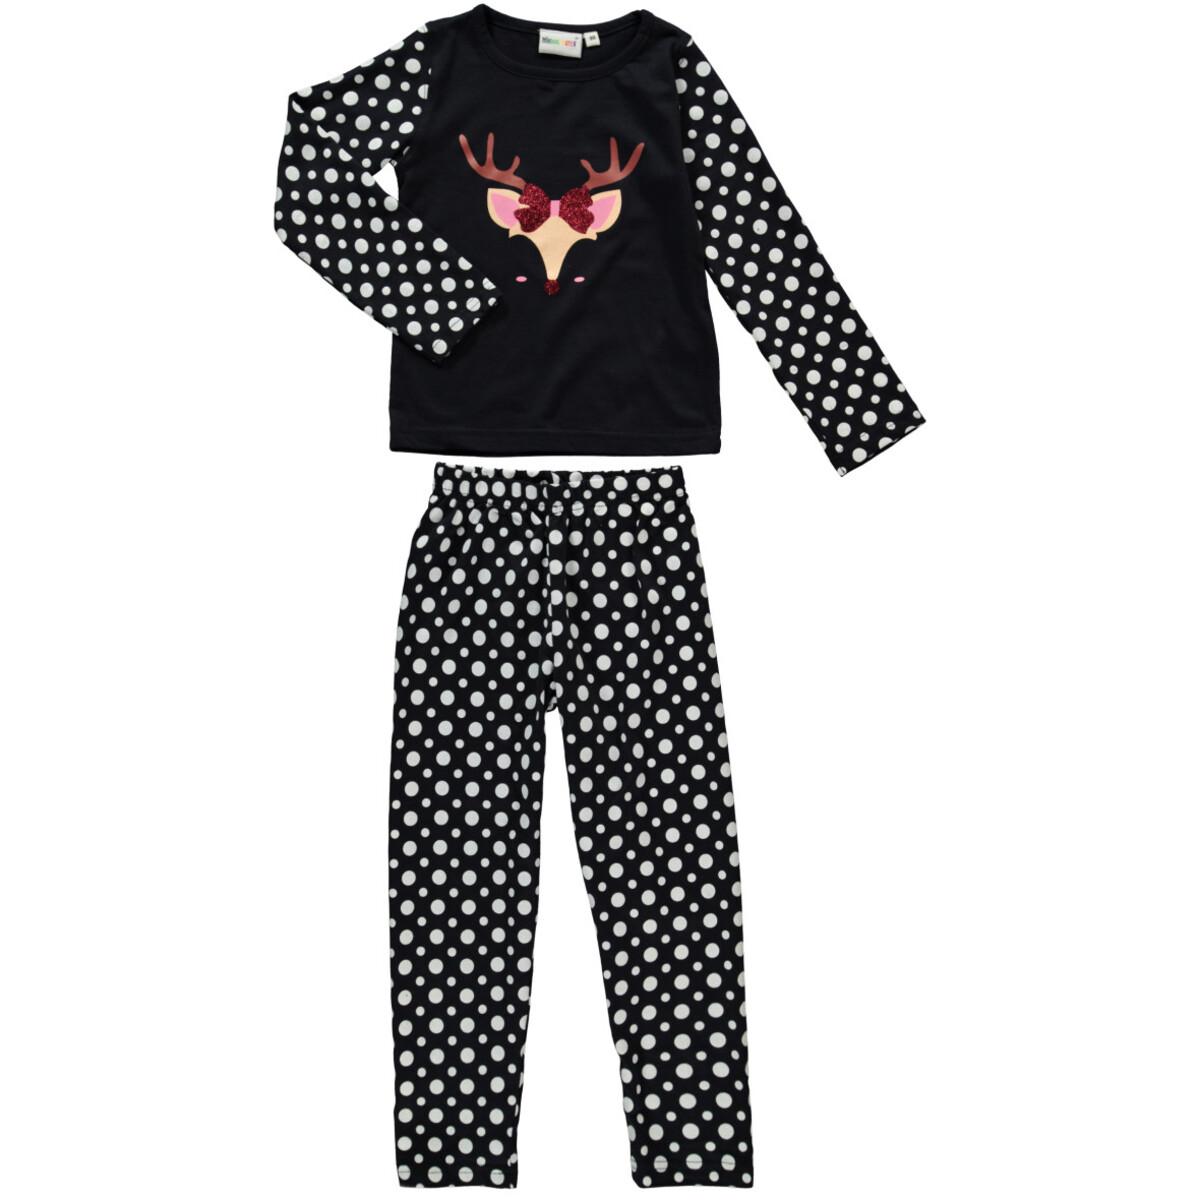 Bild 1 von Mädchen Pyjama Set mit lustigem Print